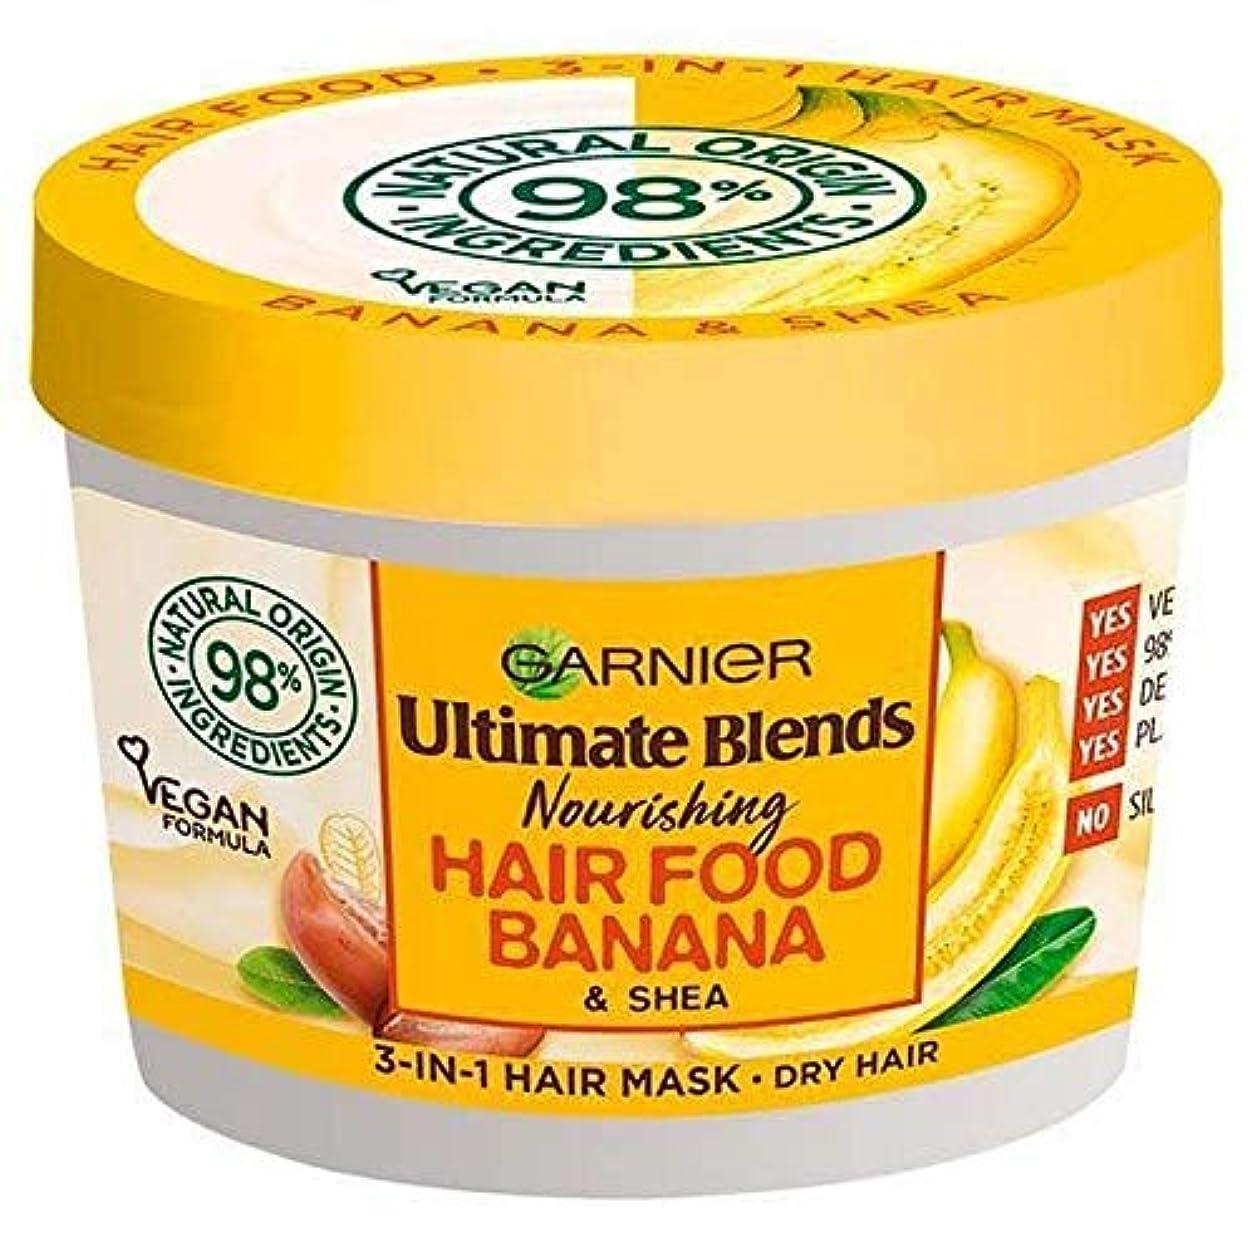 昇進勤勉正当な[Garnier ] ガルニエ究極は1つのマスク390ミリリットルでヘア食品バナナ3をブレンド - Garnier Ultimate Blends Hair Food Banana 3 in 1 Mask 390ml [...